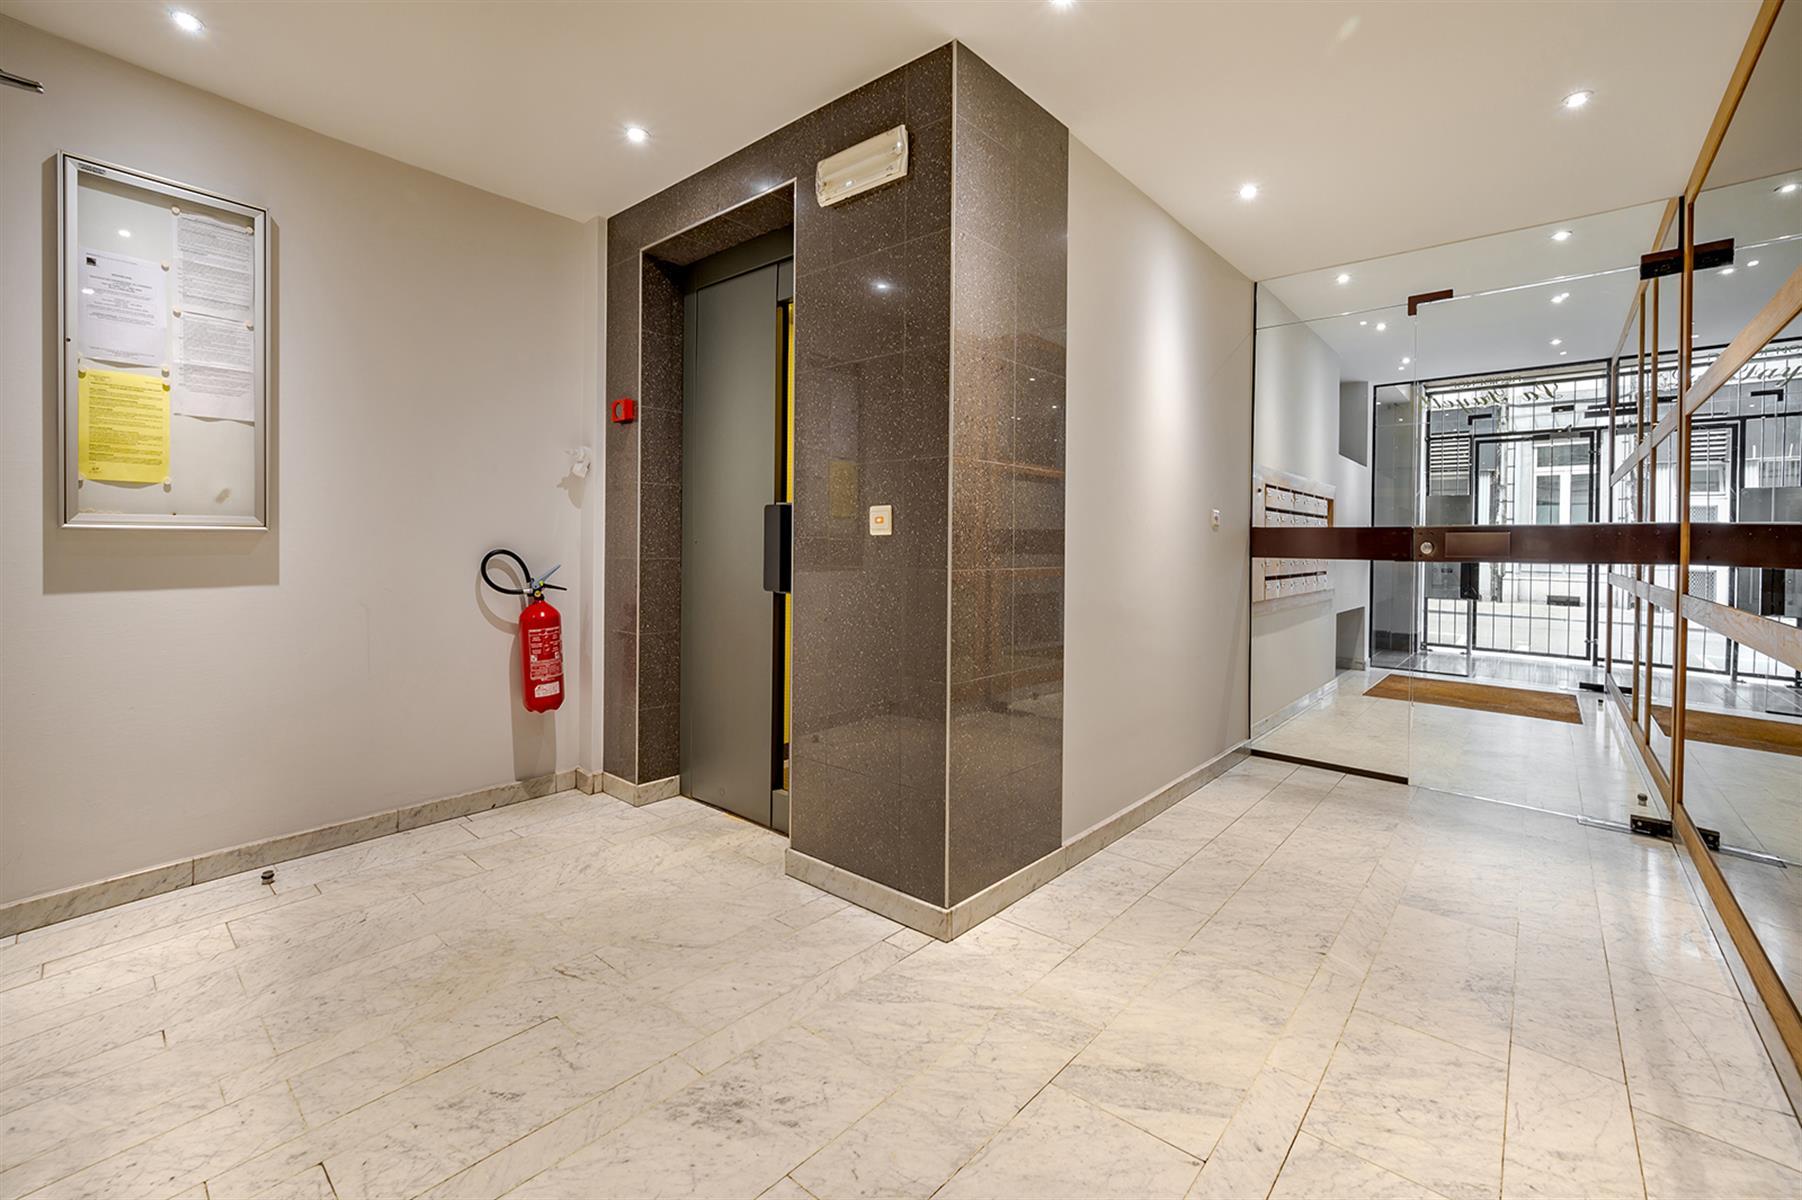 Appartement - Liege - #4374336-11